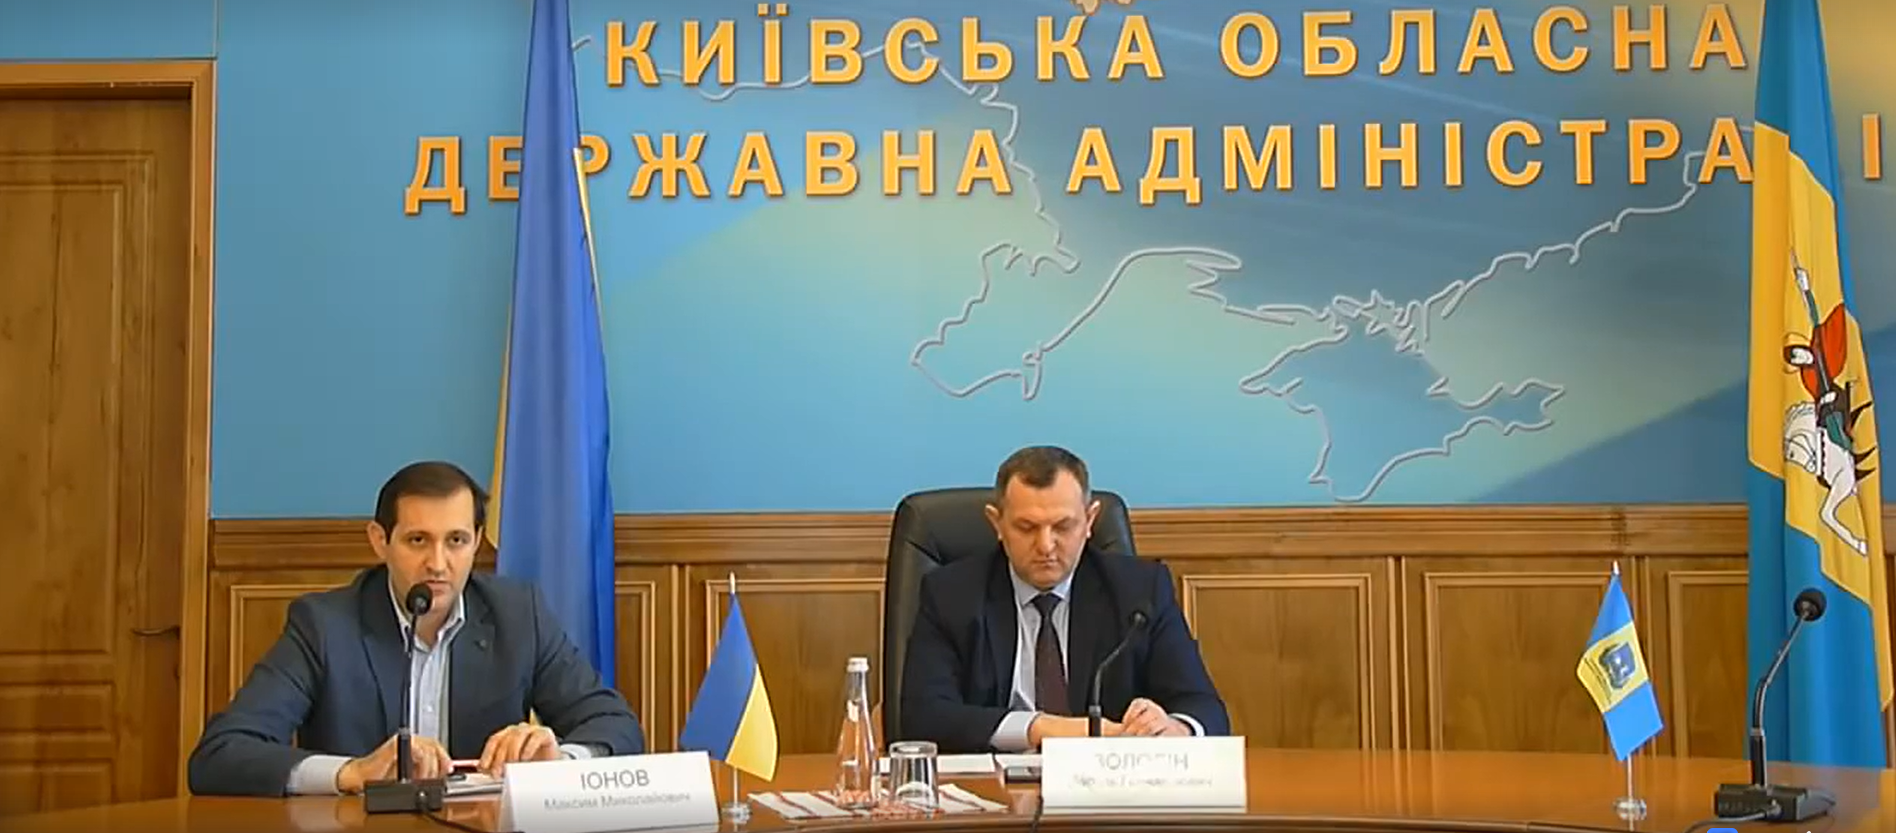 Snymok-ekrana-49 У двох містах Київщини протягом місяця відкриють інфекційні відділення